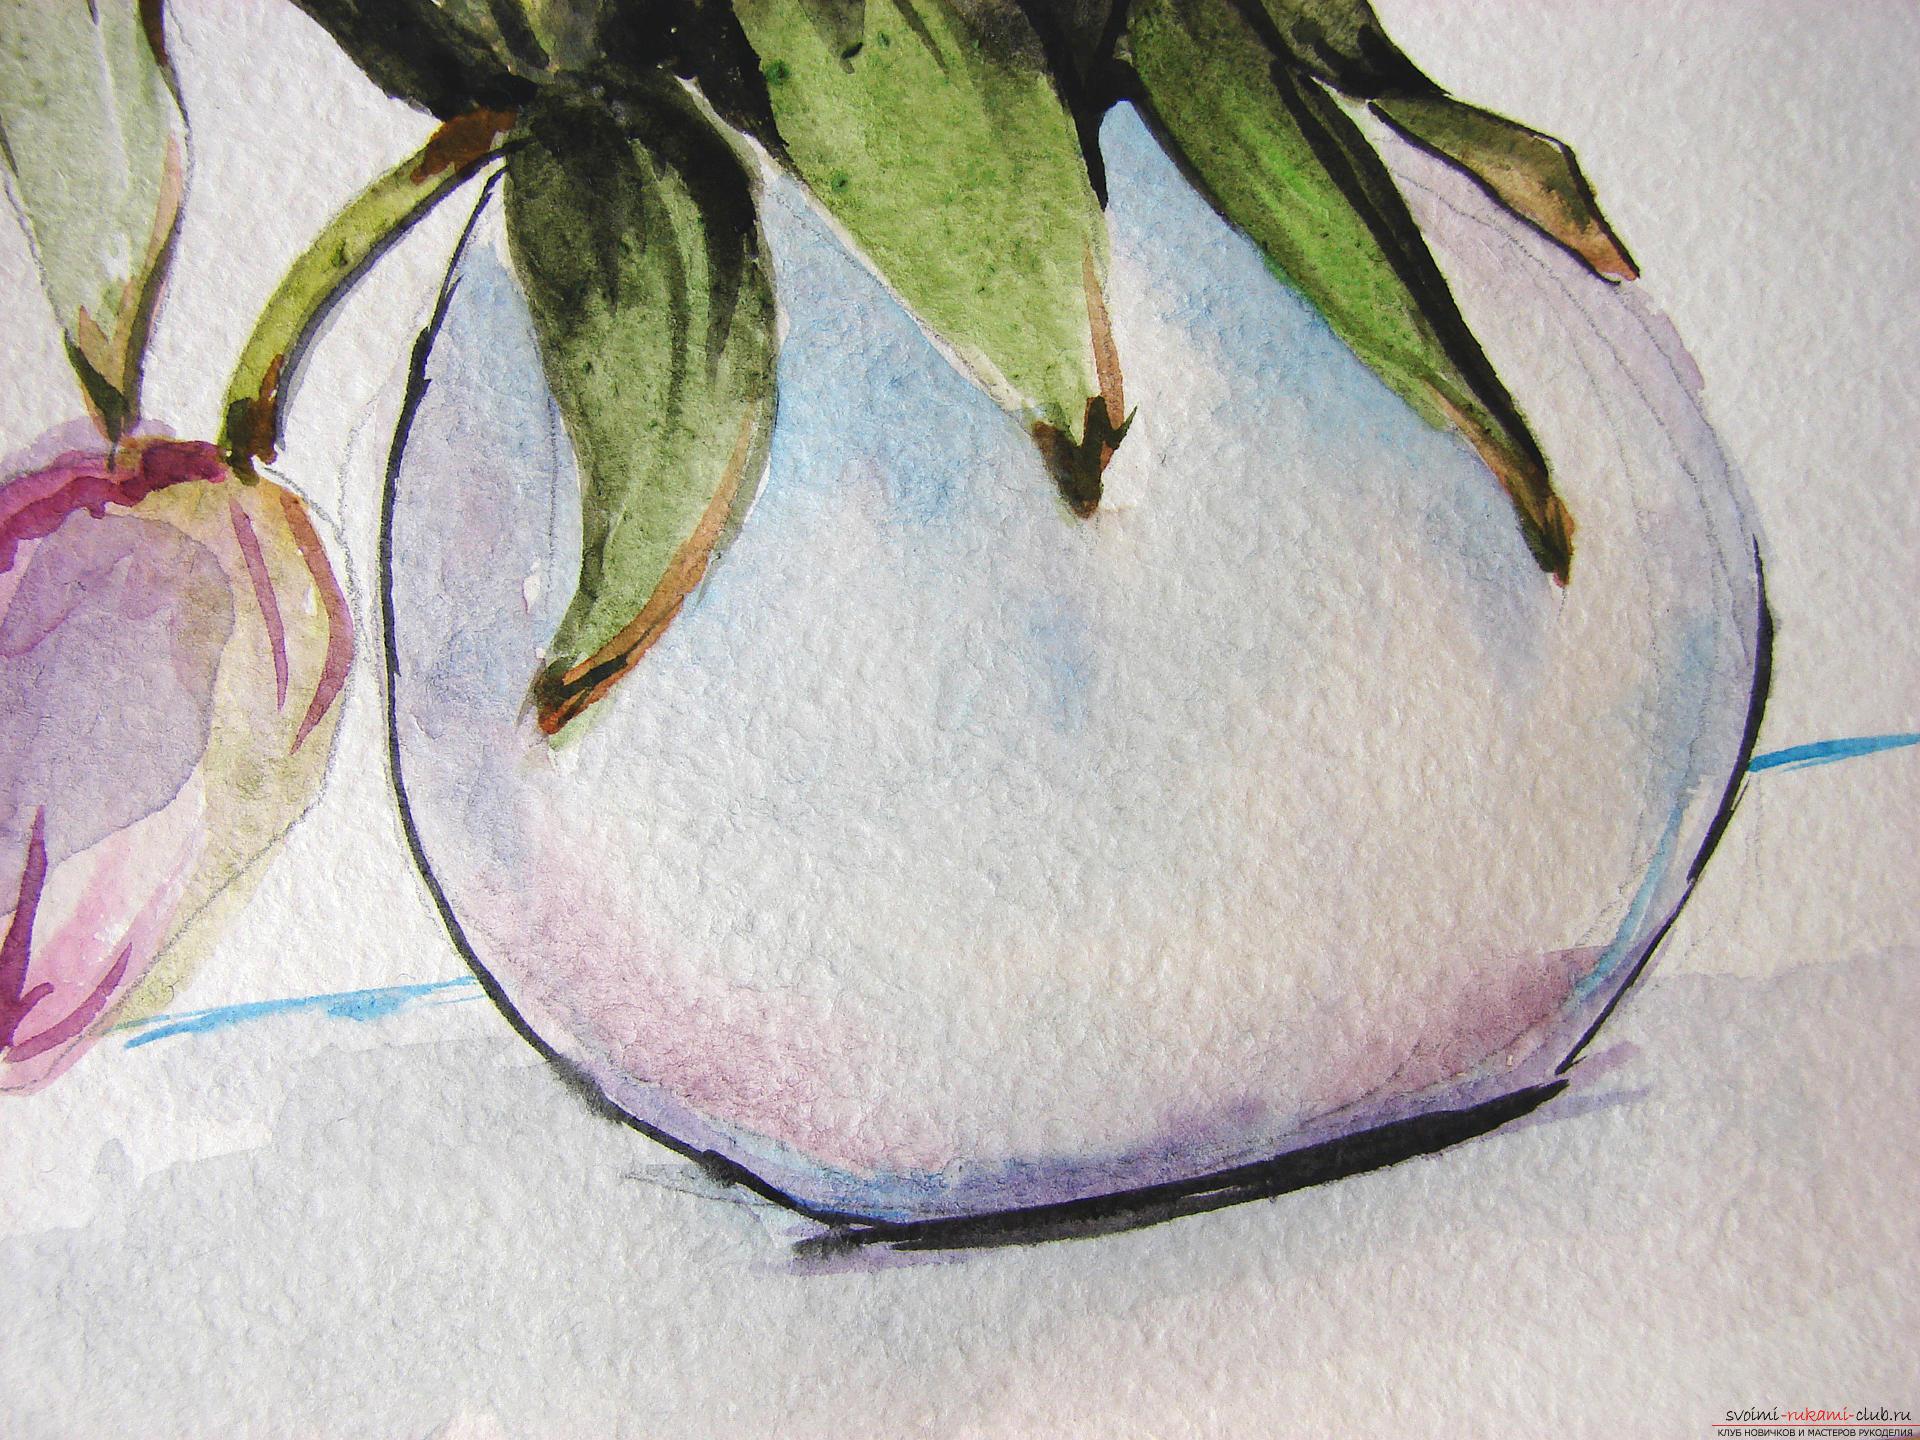 Мастер-класс по рисованию с фото научит как нарисовать цветы, подробно описав как рисуются тюльпаны поэтапно.. Фото №23